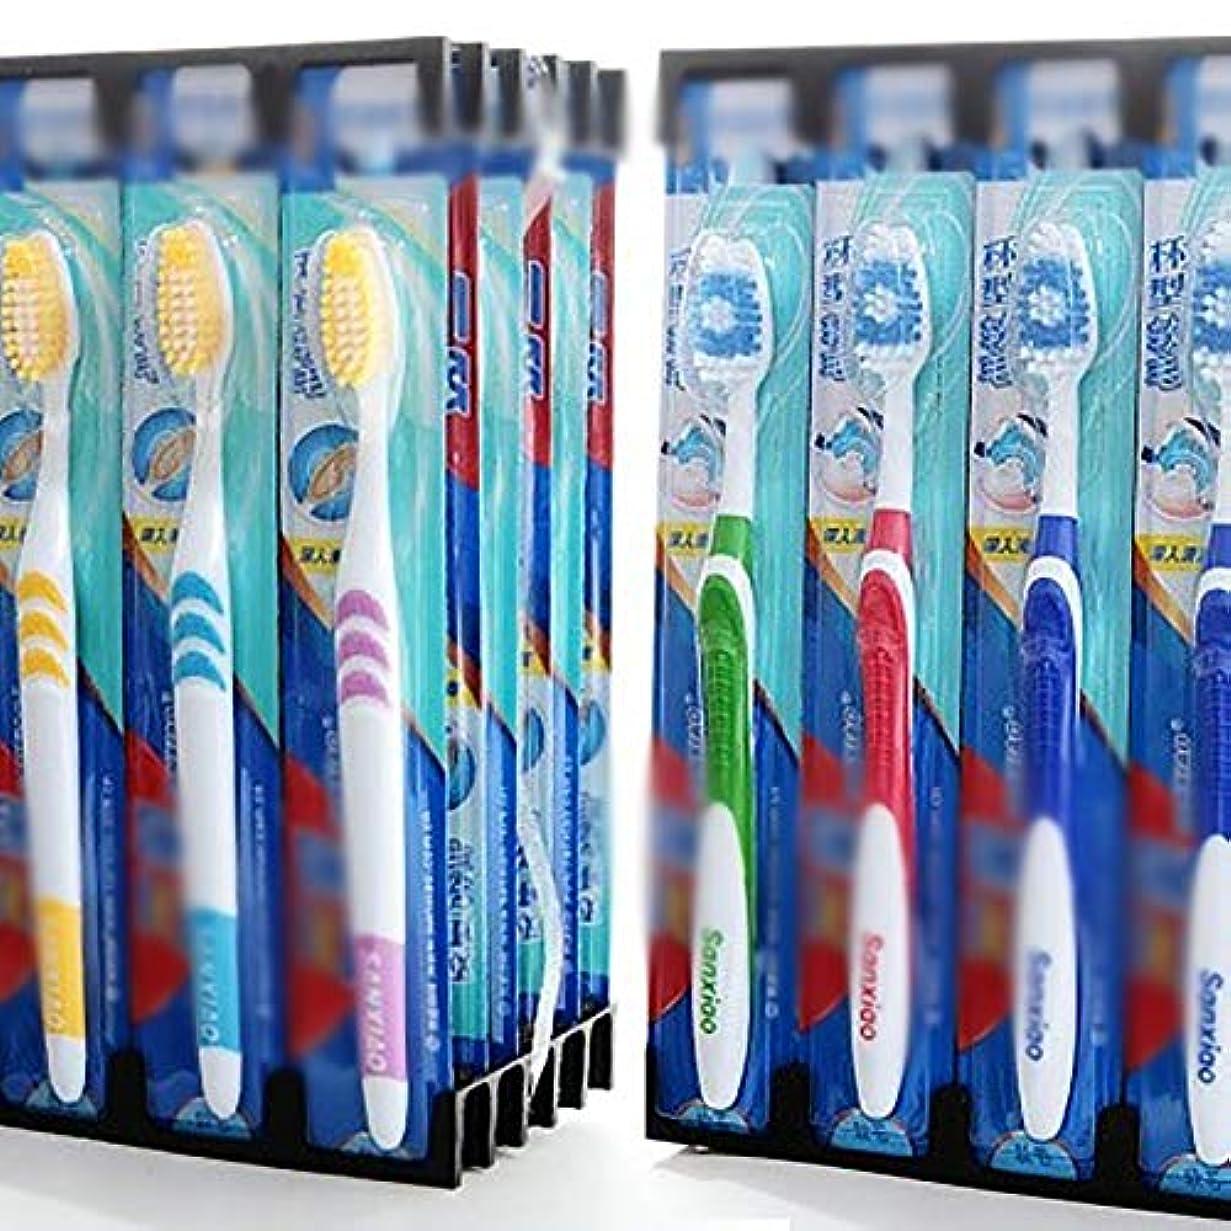 洗練された青考古学的な歯ブラシ 30パック歯ブラシ、家族バルク成人歯ブラシ、2つのスタイル混合包装歯ブラシ - 任意8つの組み合わせ HL (色 : G, サイズ : 30 packs)